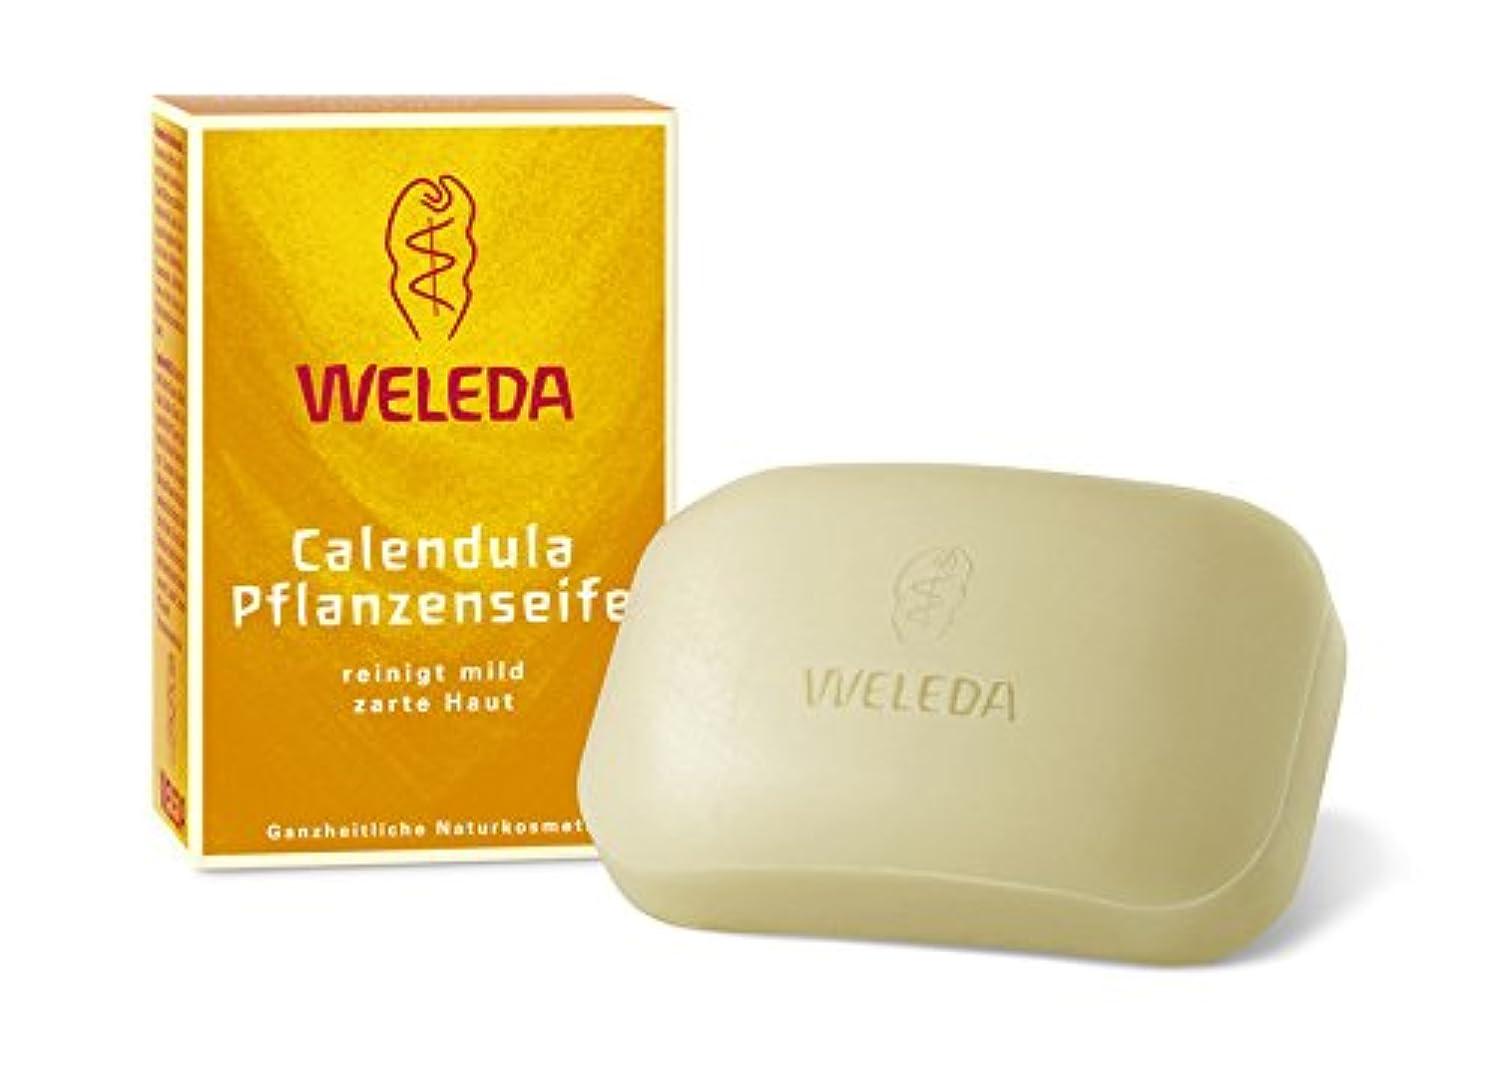 通知どうしたのハブWELEDA(ヴェレダ) カレンドラ ソープ 100g